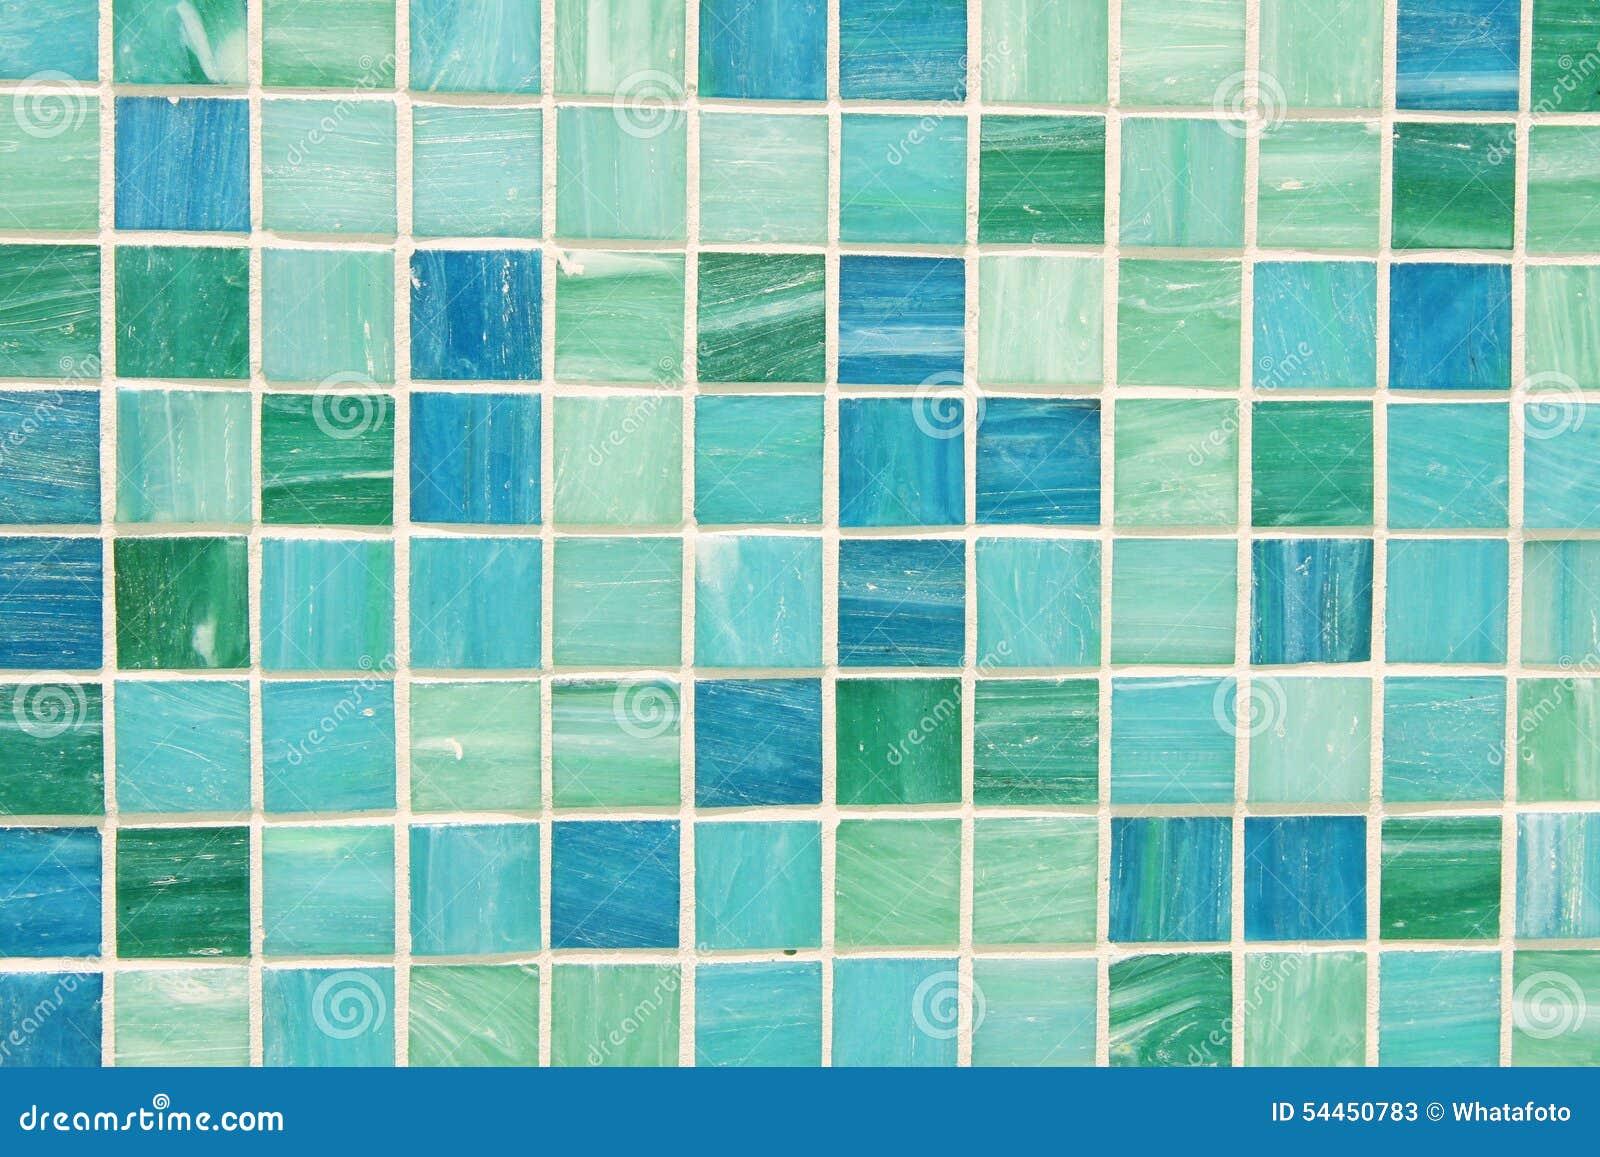 Tuiles De Mosaïque Dans Le Bleu De Turquoise Vert Image stock ...